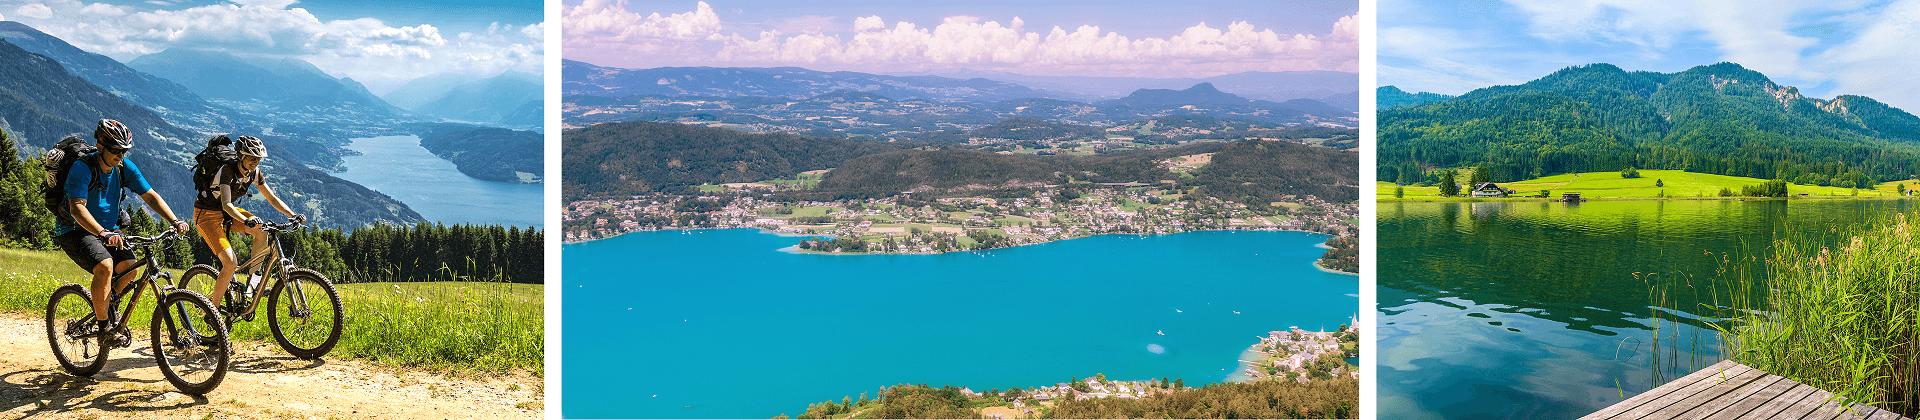 Seen Kärntens, die während der Osterferien besonders sehenswert sind